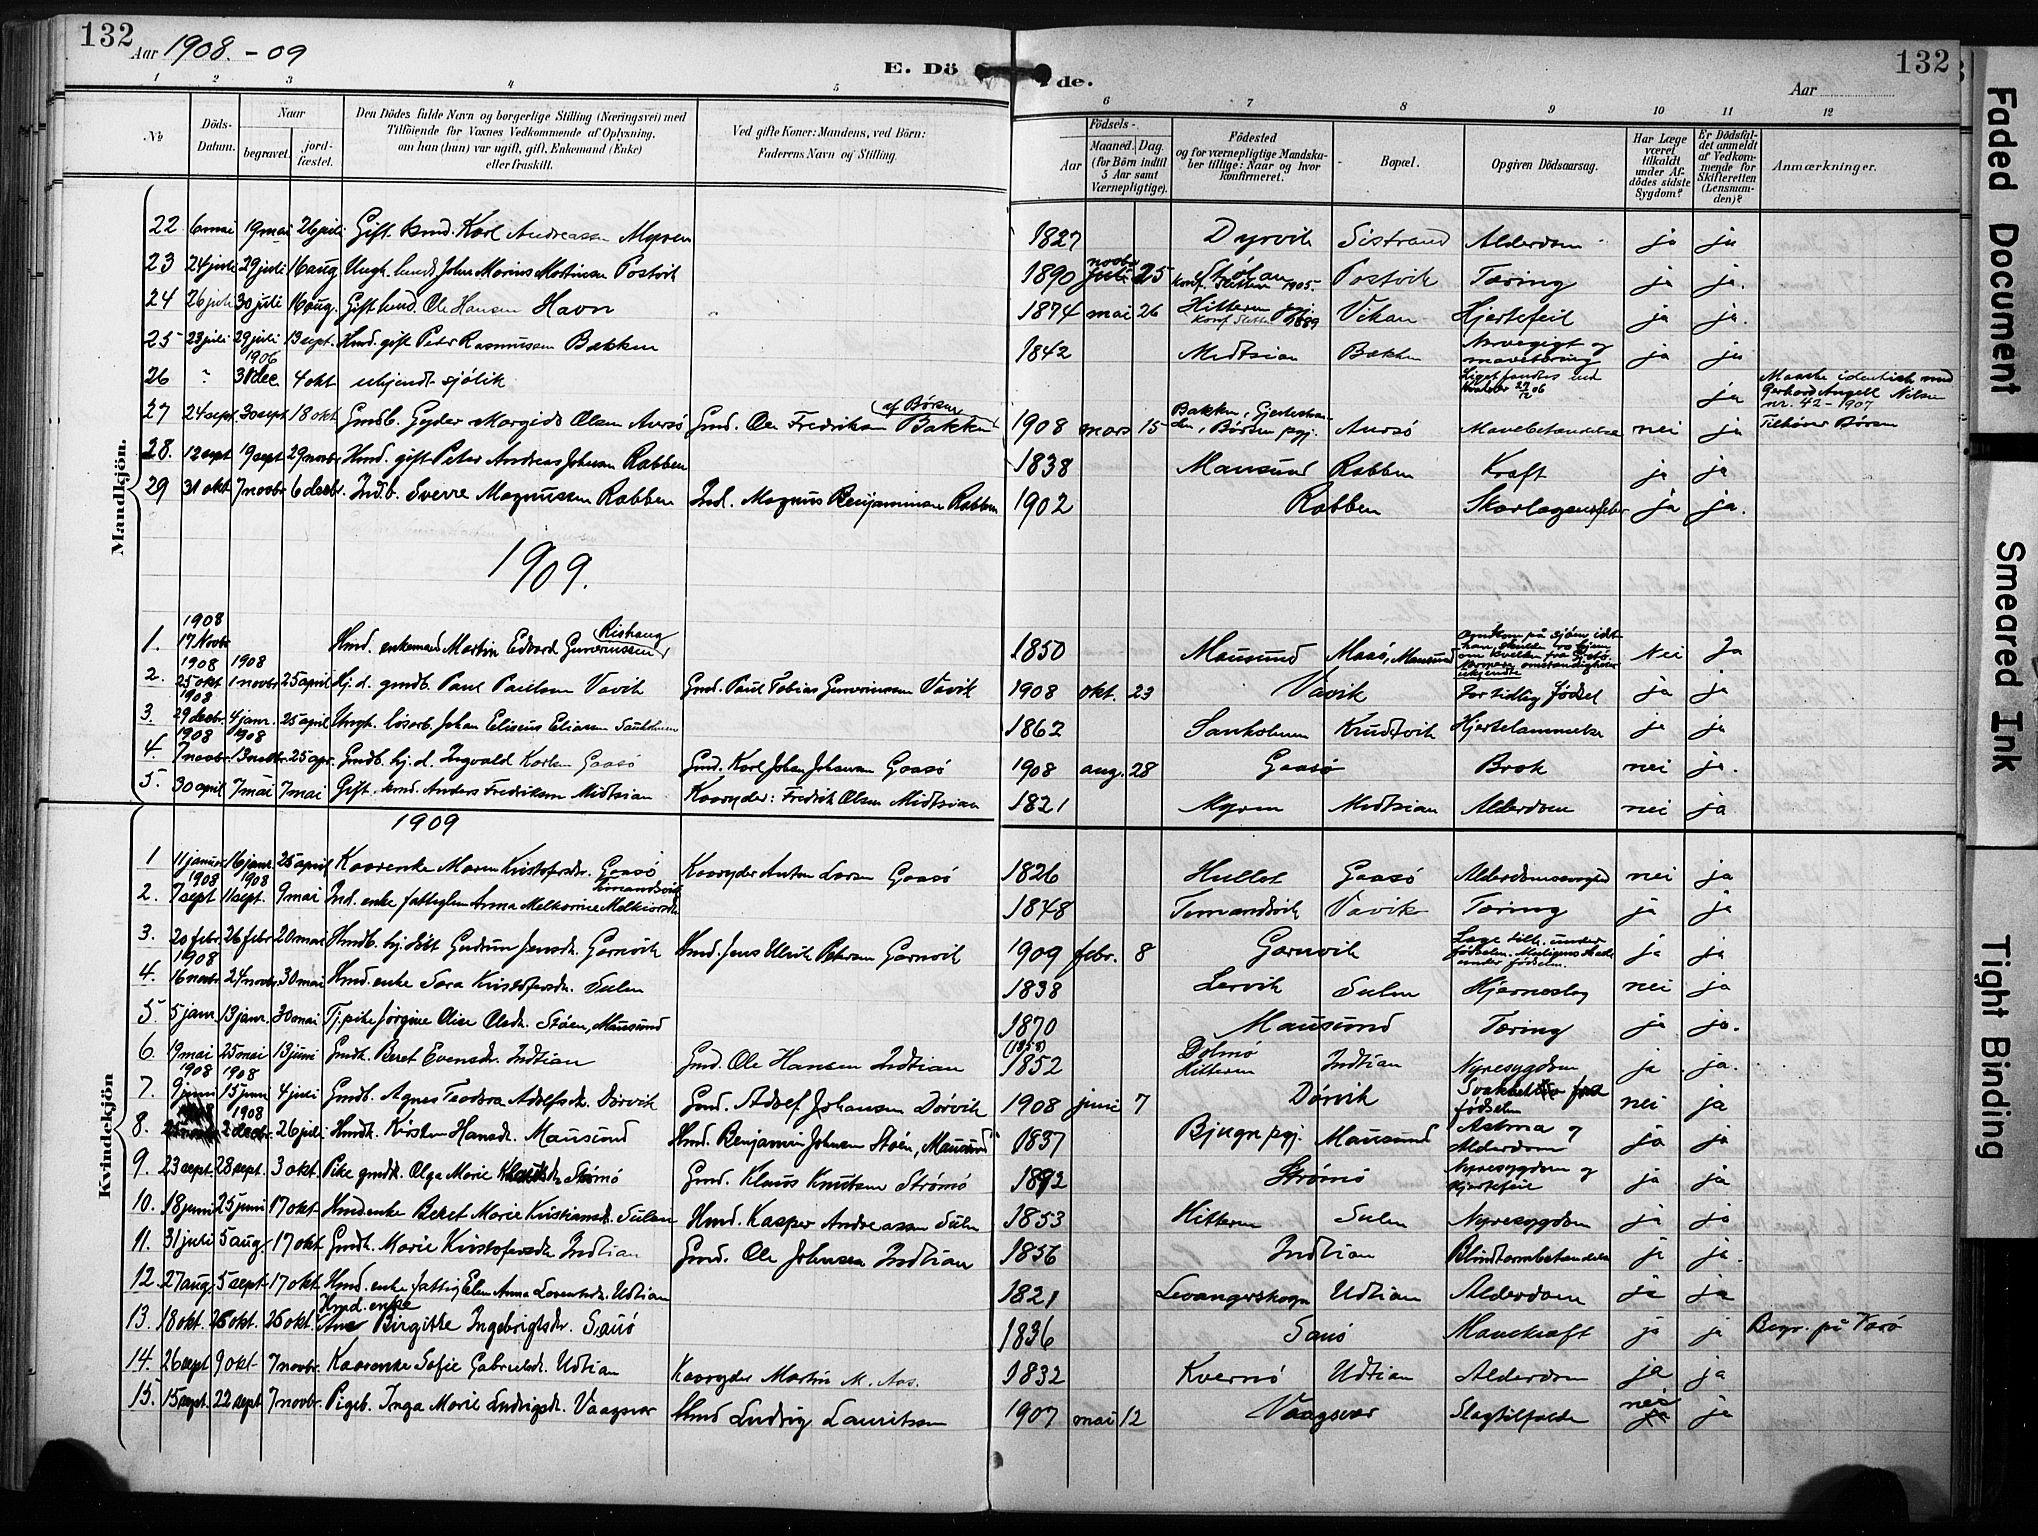 SAT, Ministerialprotokoller, klokkerbøker og fødselsregistre - Sør-Trøndelag, 640/L0580: Ministerialbok nr. 640A05, 1902-1910, s. 132